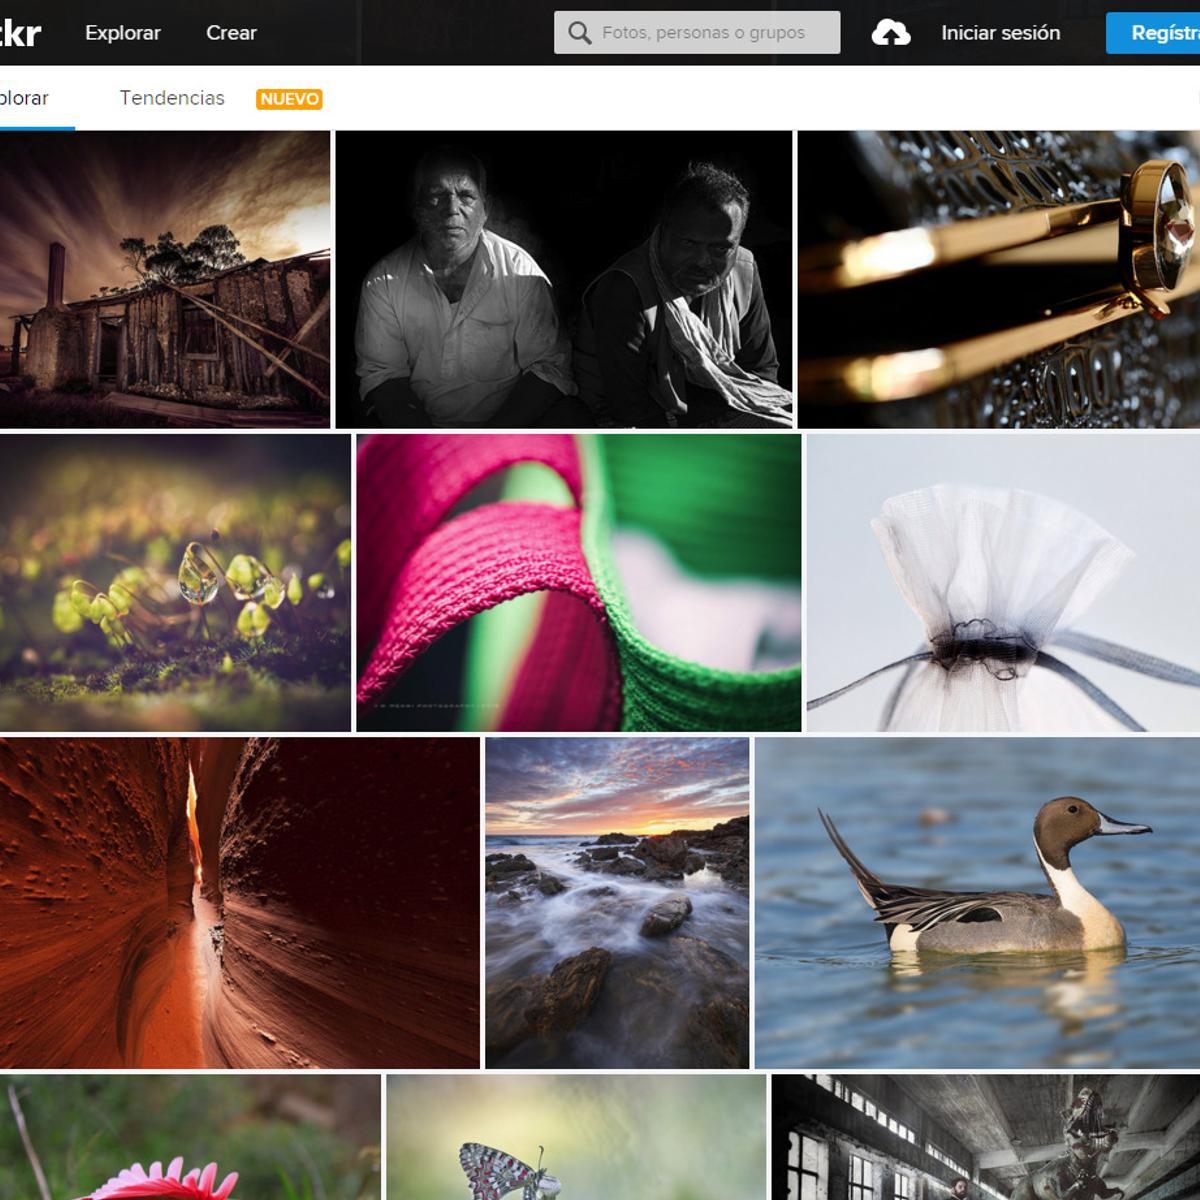 The best Flickr photo downloader